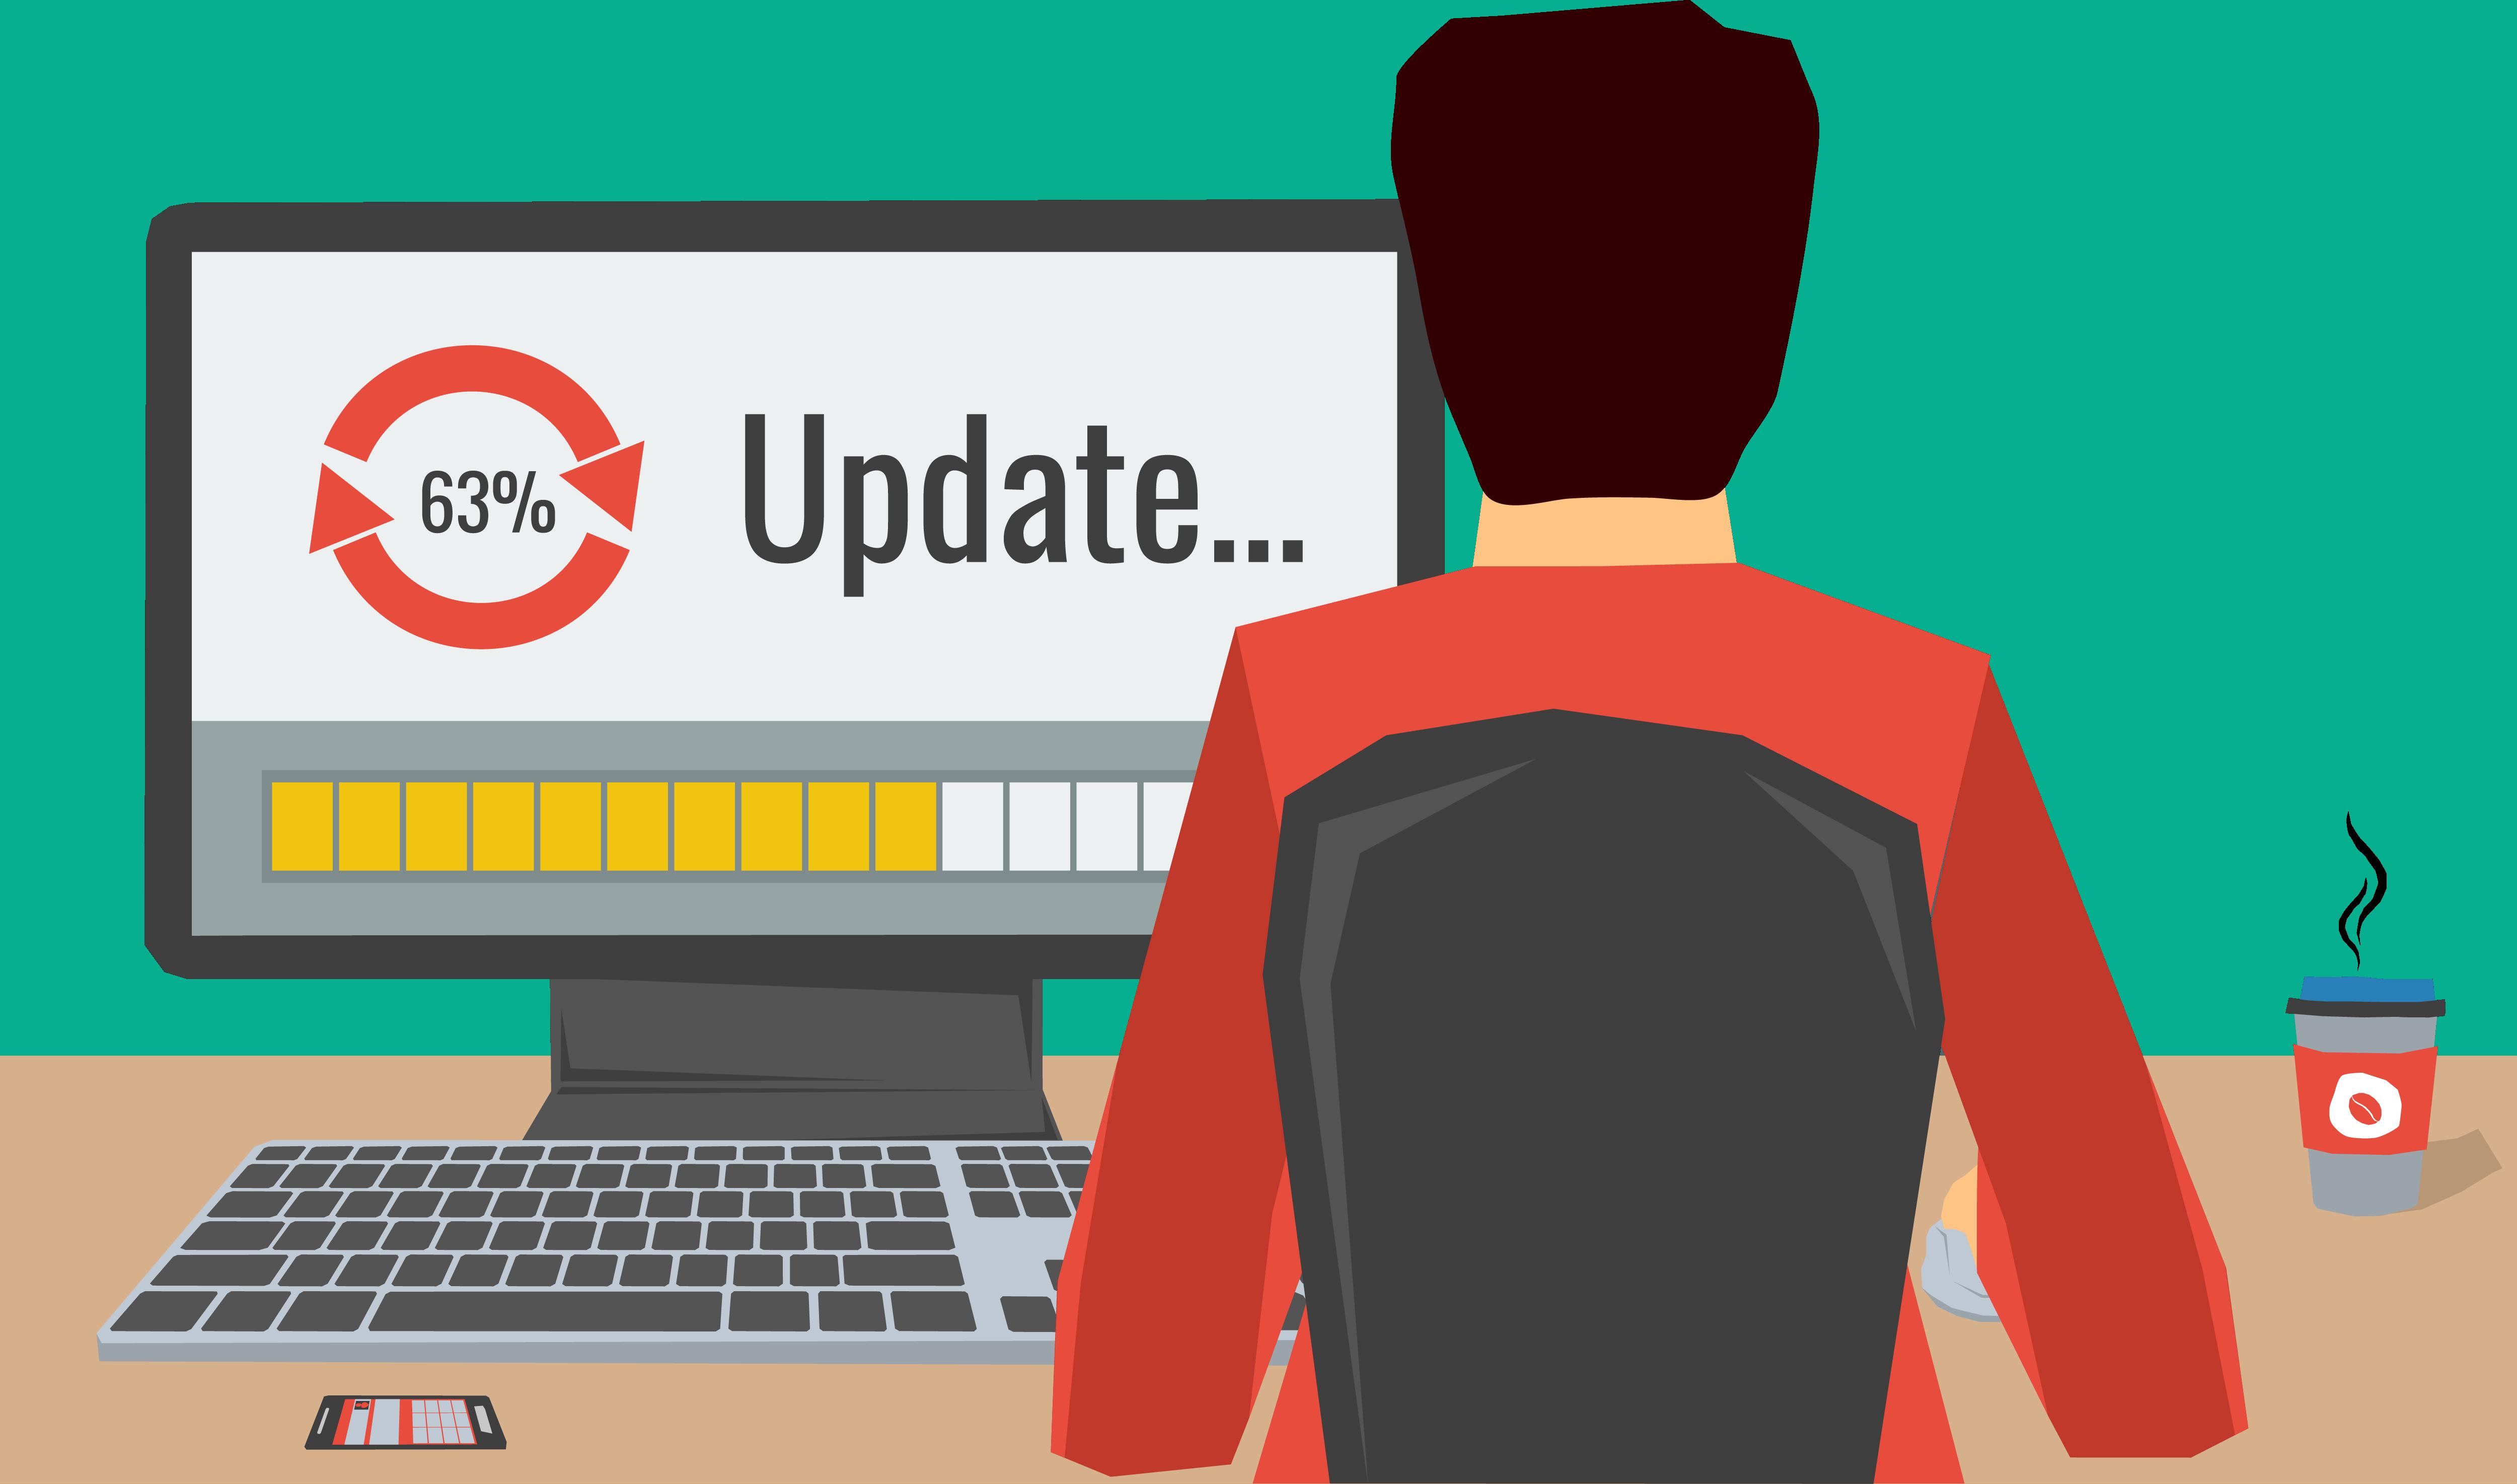 Hướng dẫn update BIOS dễ dàng cho các dòng máy tính hiện nay